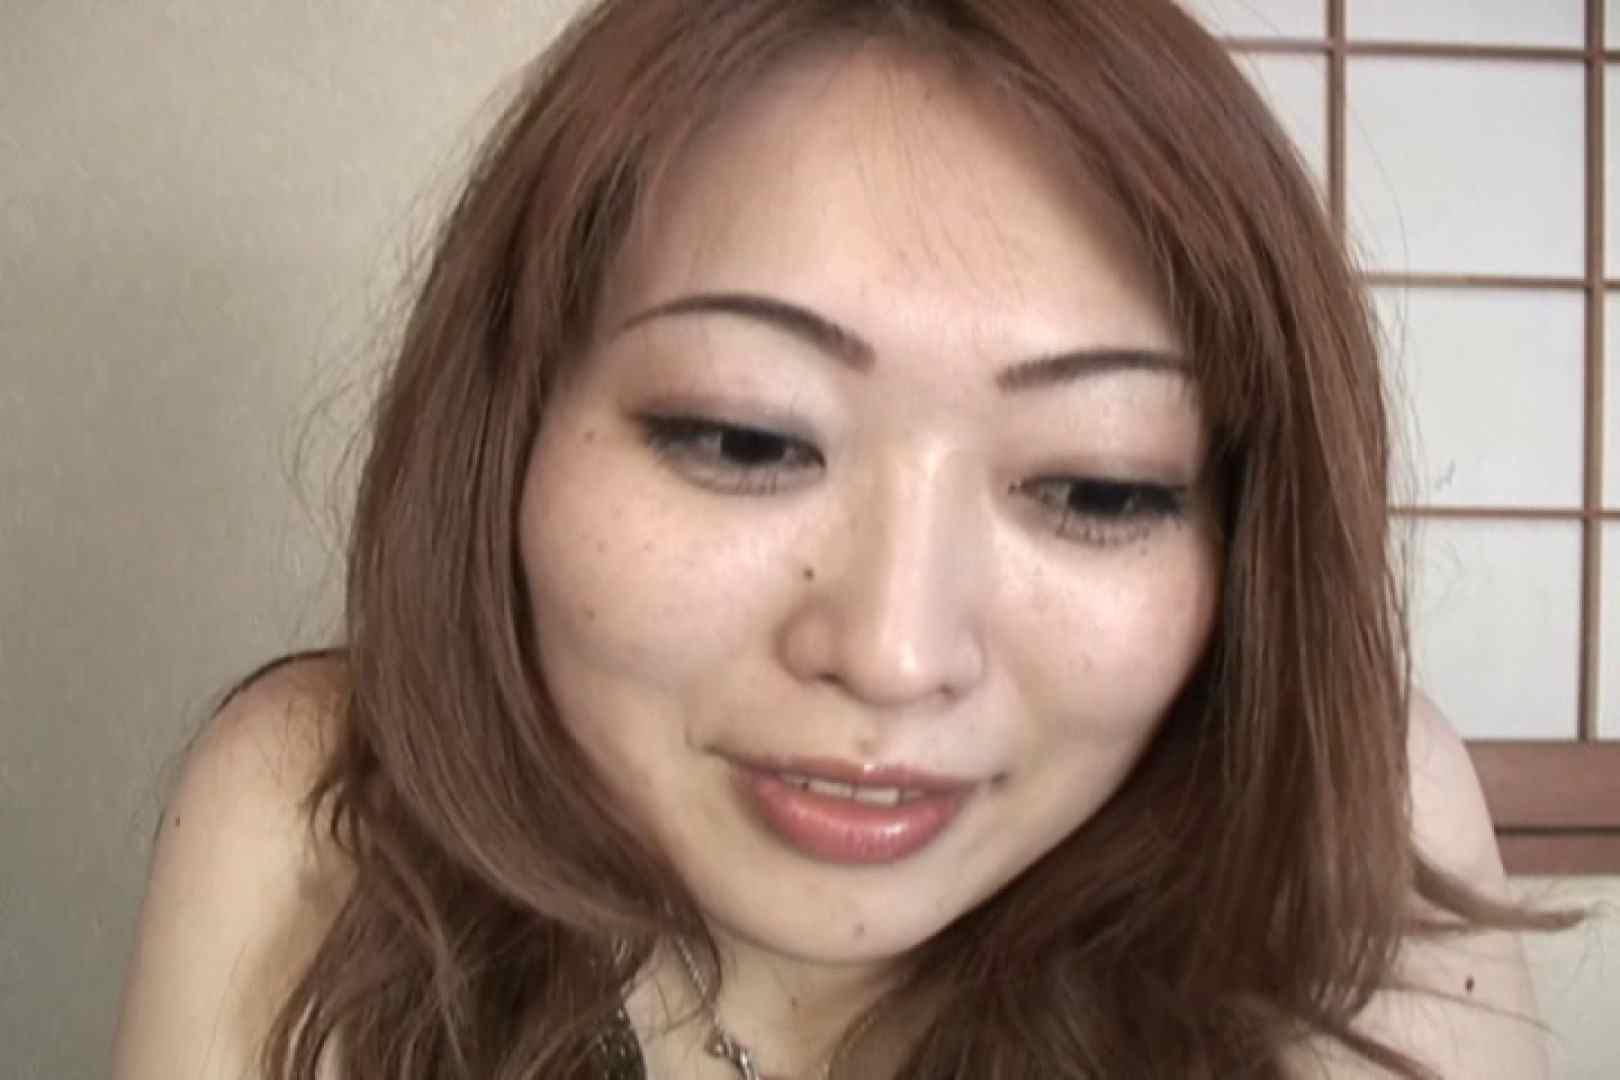 仕事で月200本のチンポを相手する22歳若人妻~桜井あい~ 熟女  22連発 5